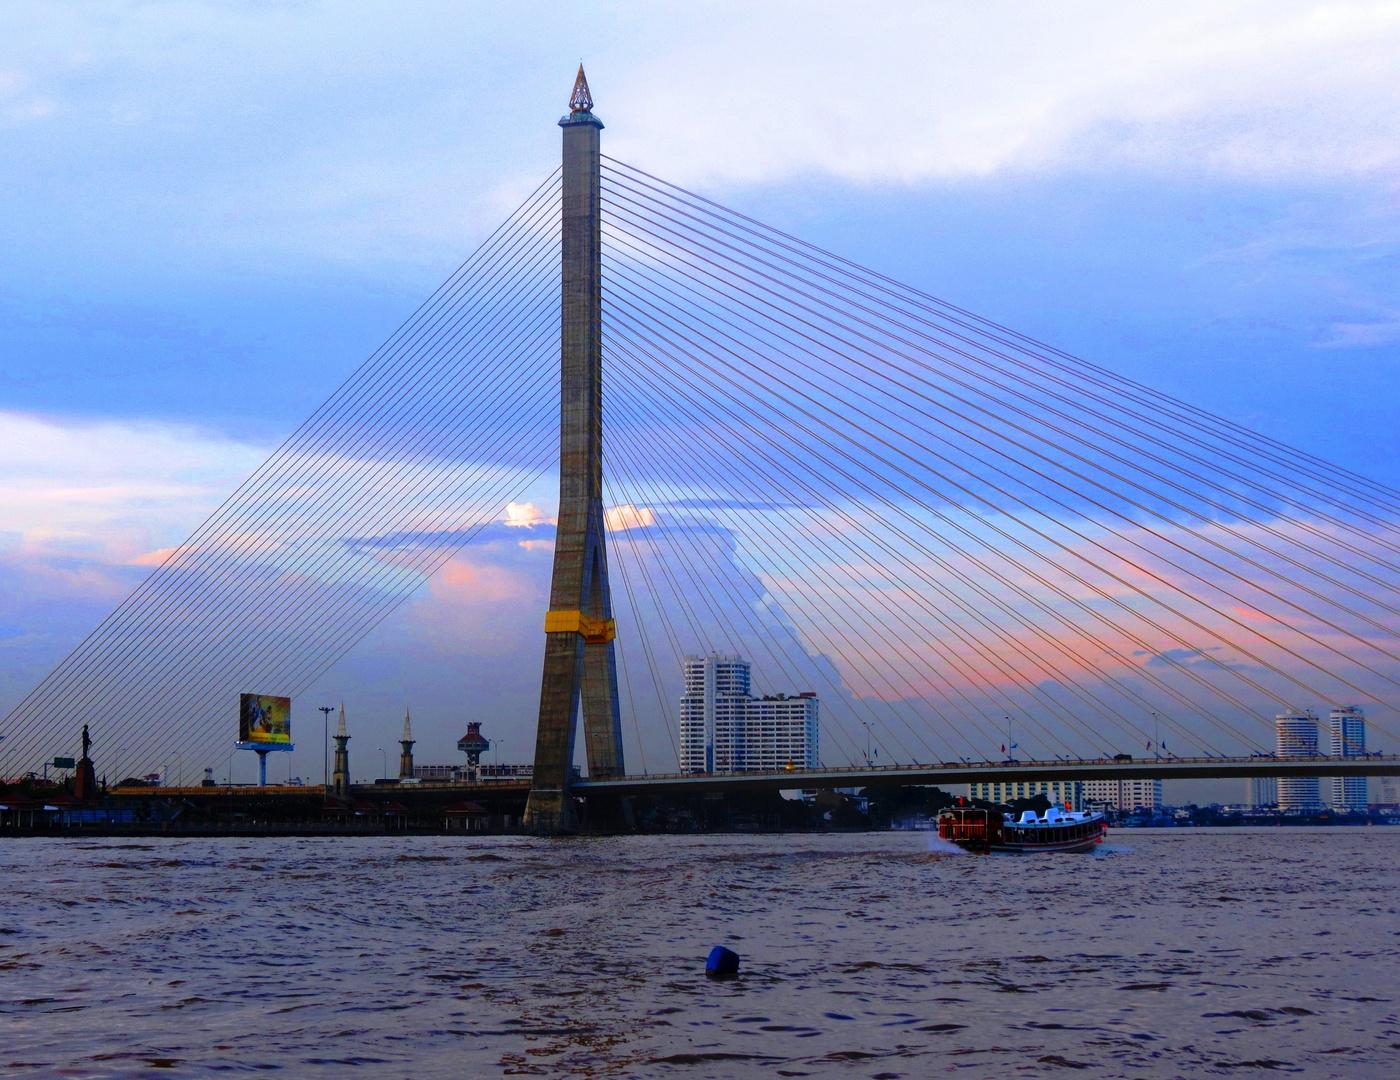 Rama-VIII Bridge in Bangkok